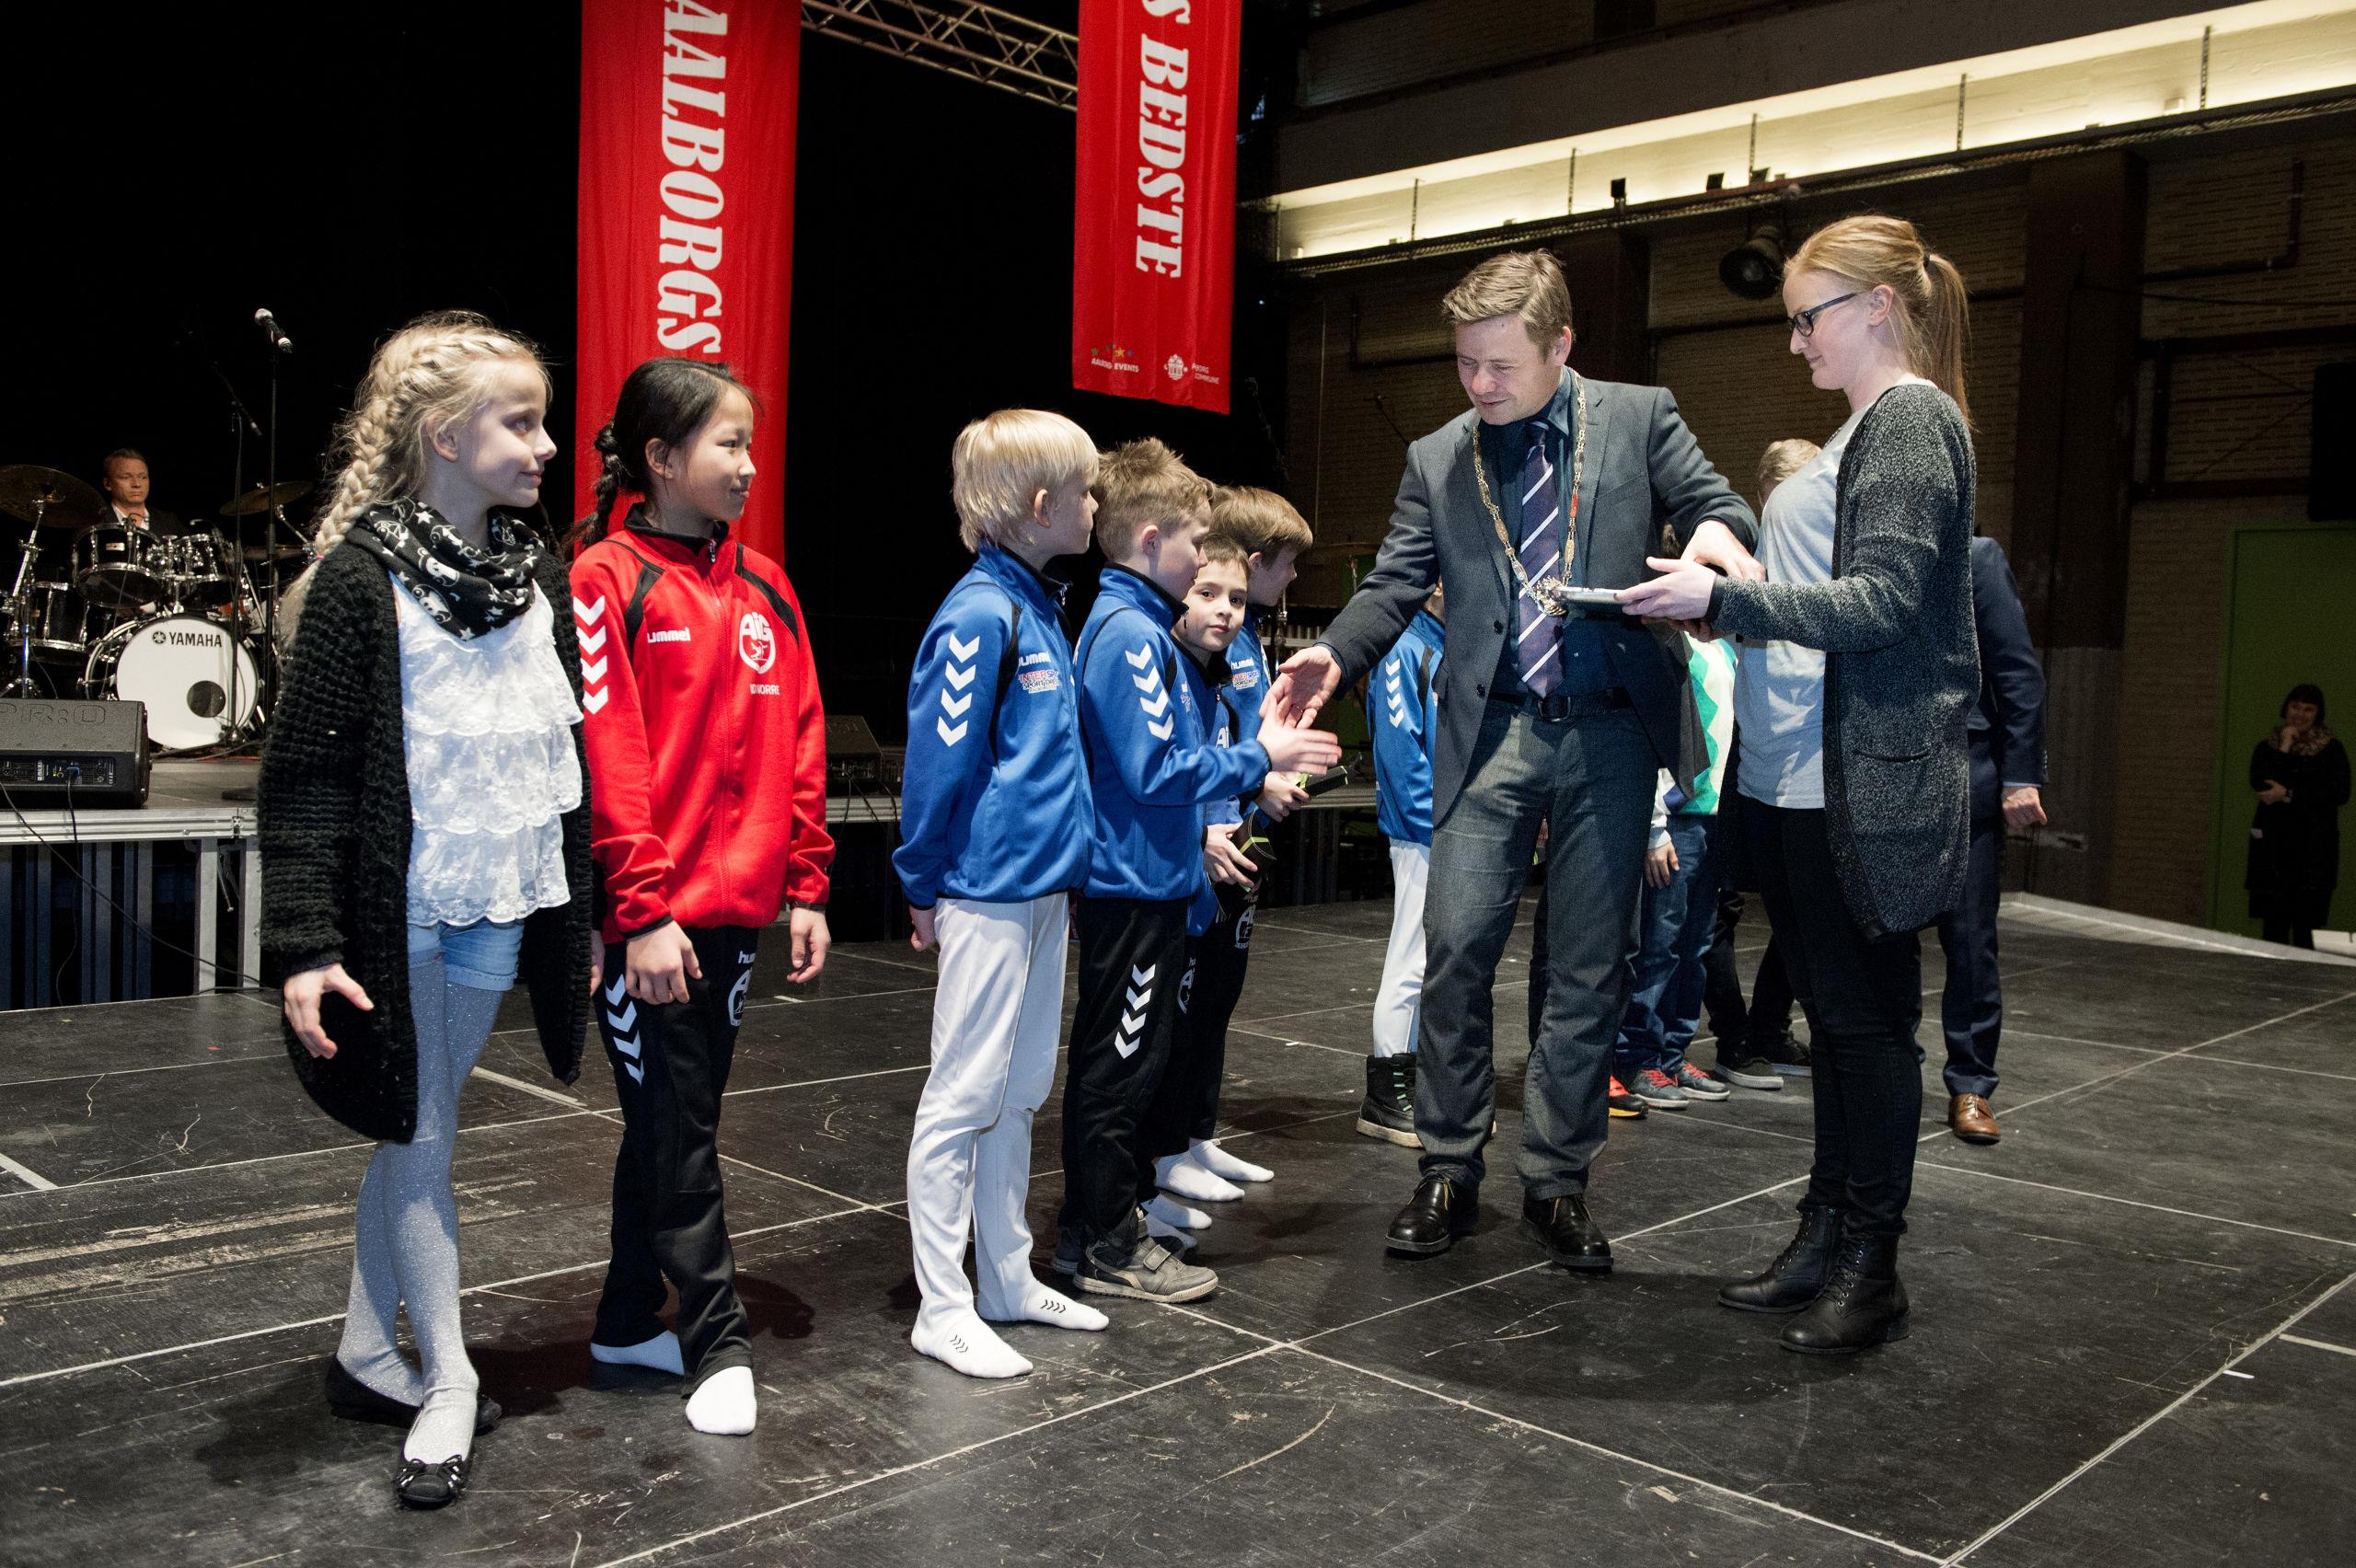 Så dygtige er de: Aalborg hylder de bedste sportsfolk